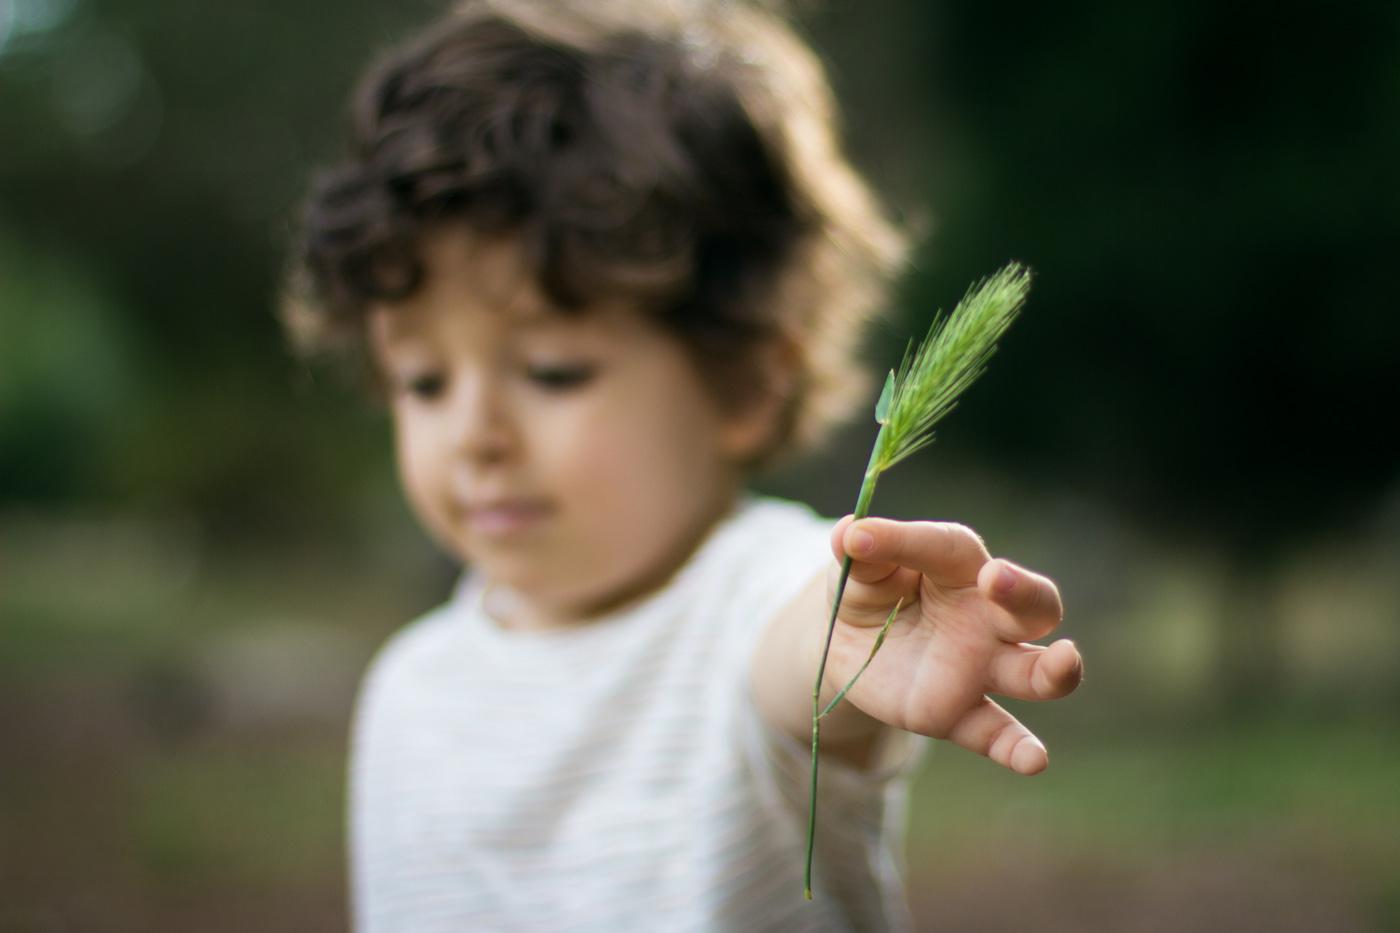 niño sujetando un hilo de trigo con poca profundidad de campo